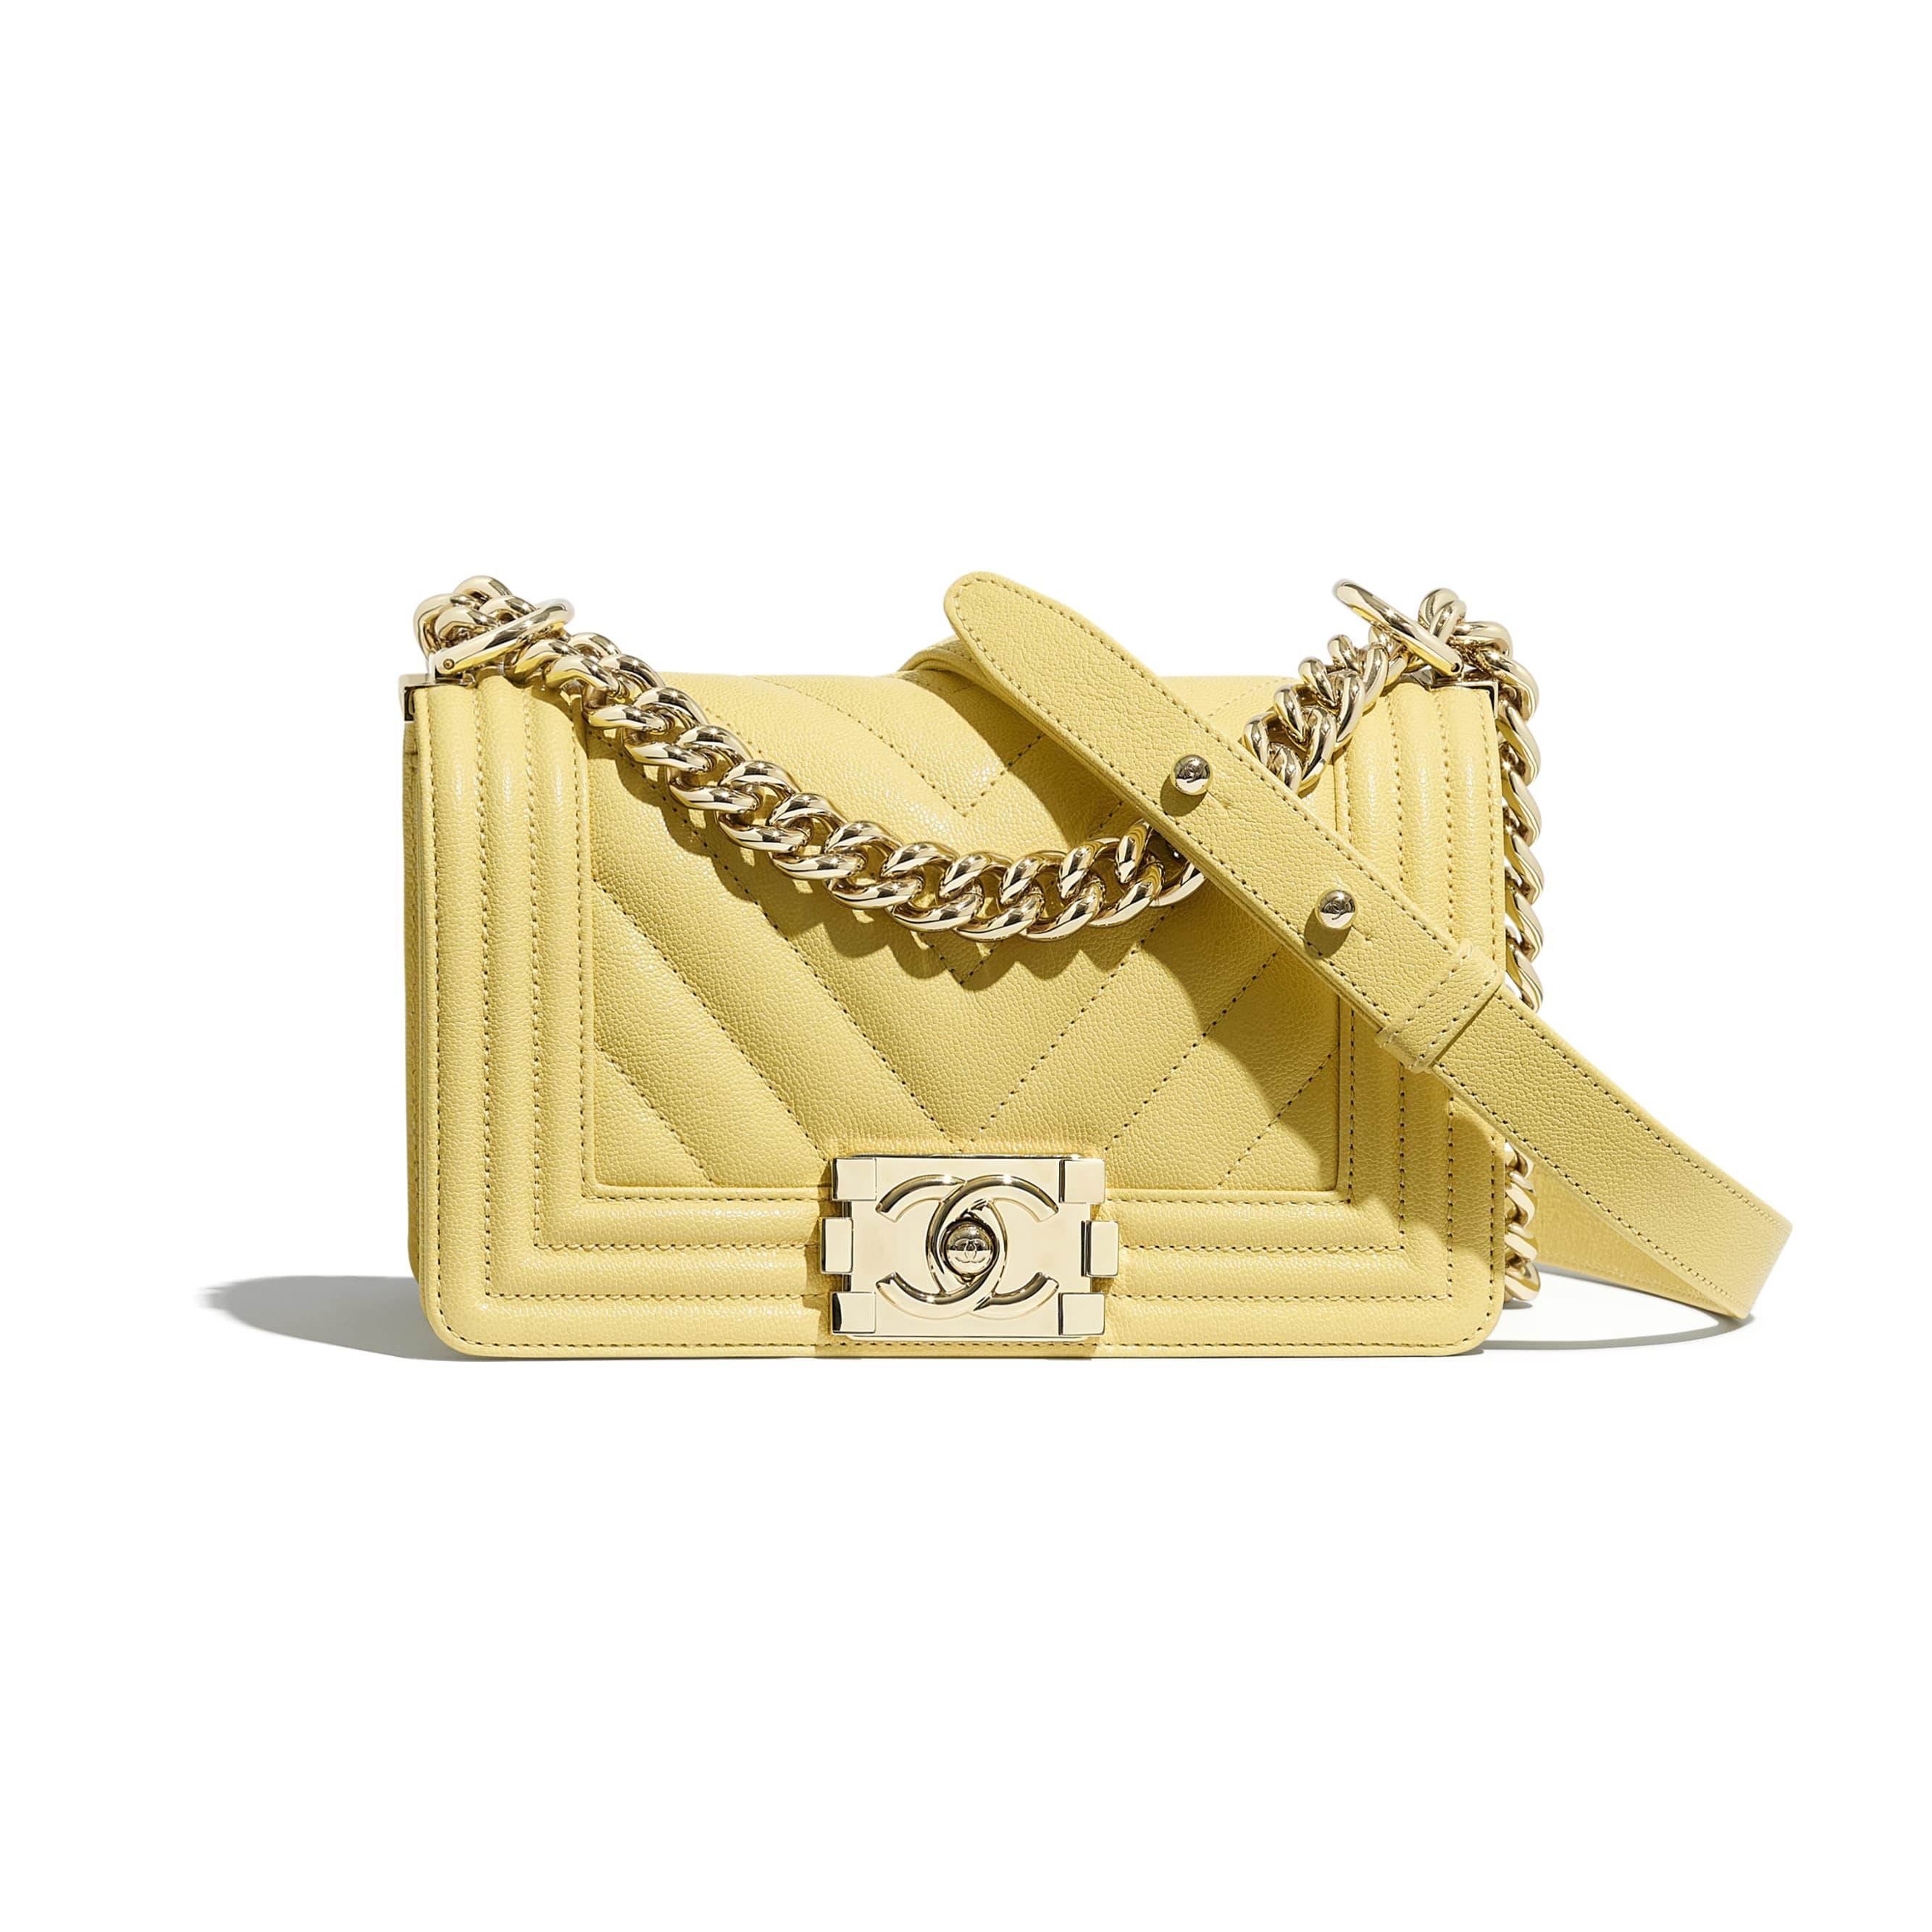 Bolsa BOY CHANEL Pequena - Yellow - Grained Calfskin & Gold-Tone Metal - CHANEL - Vista predefinida - ver a versão em tamanho standard